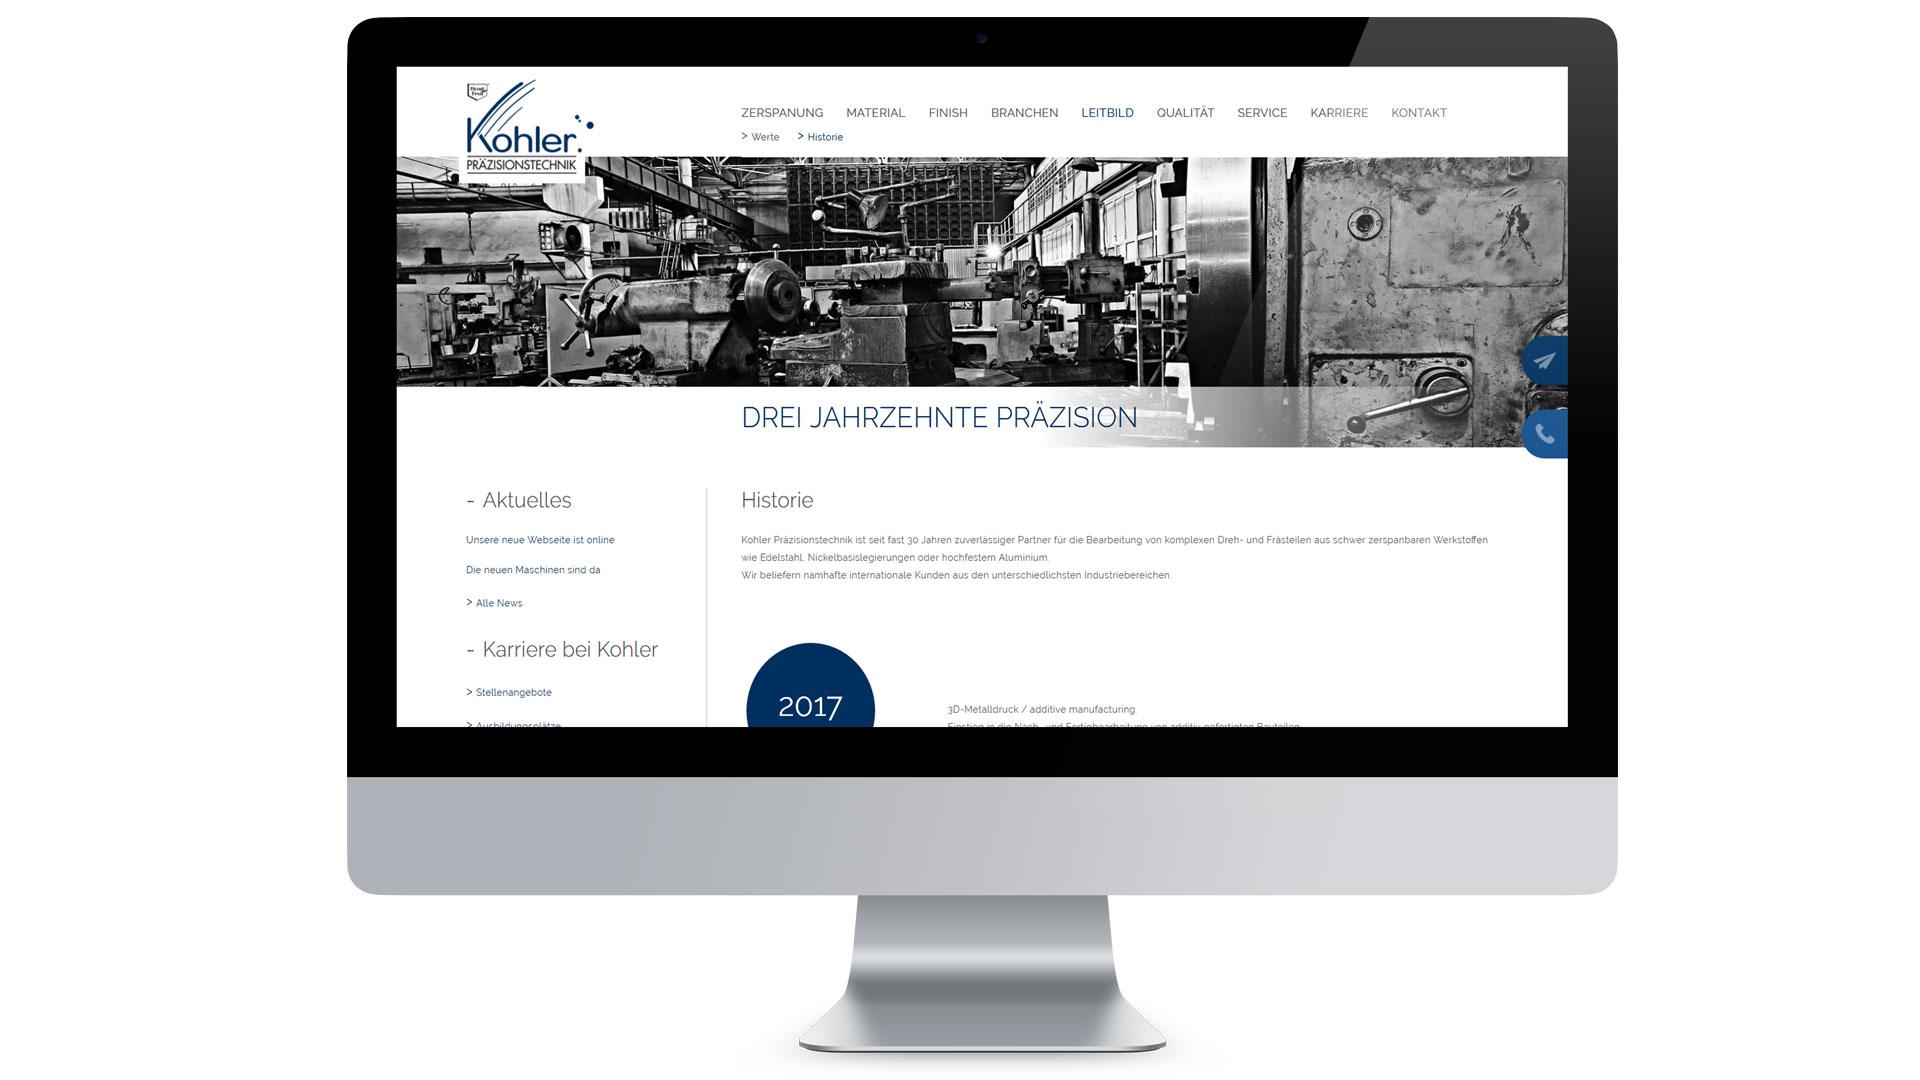 Kohler Präzisionstechnik GmbH & Co. KG Web